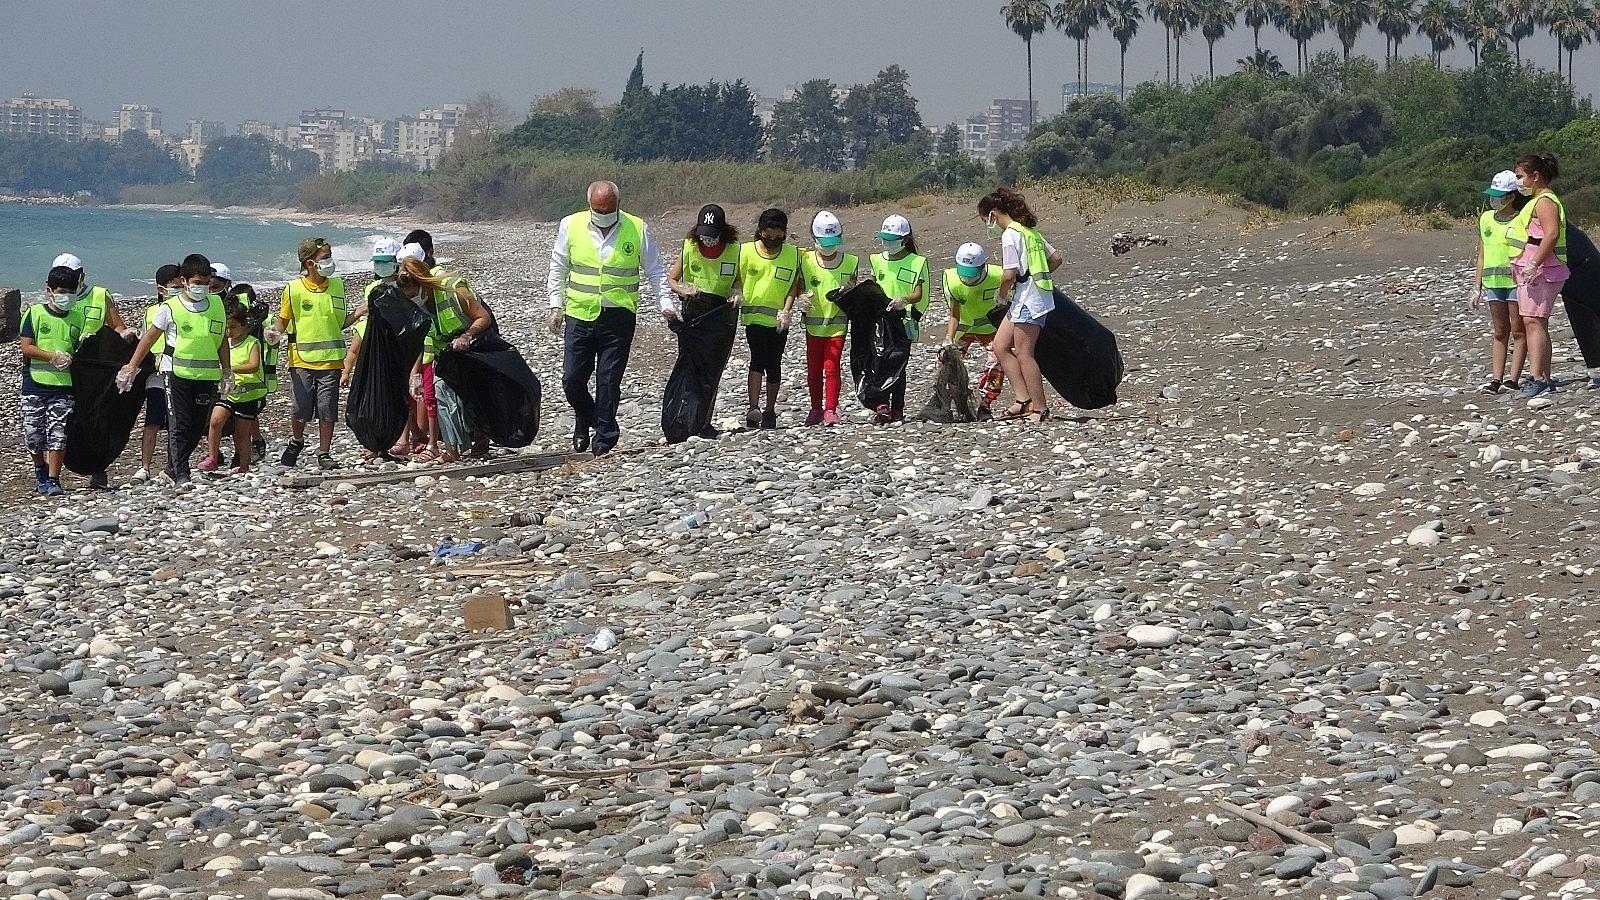 2021/06/mersinde-deniz-kaplumbagalari-ureme-alaninda-sahil-temizligi-20210610AW34-2.jpg